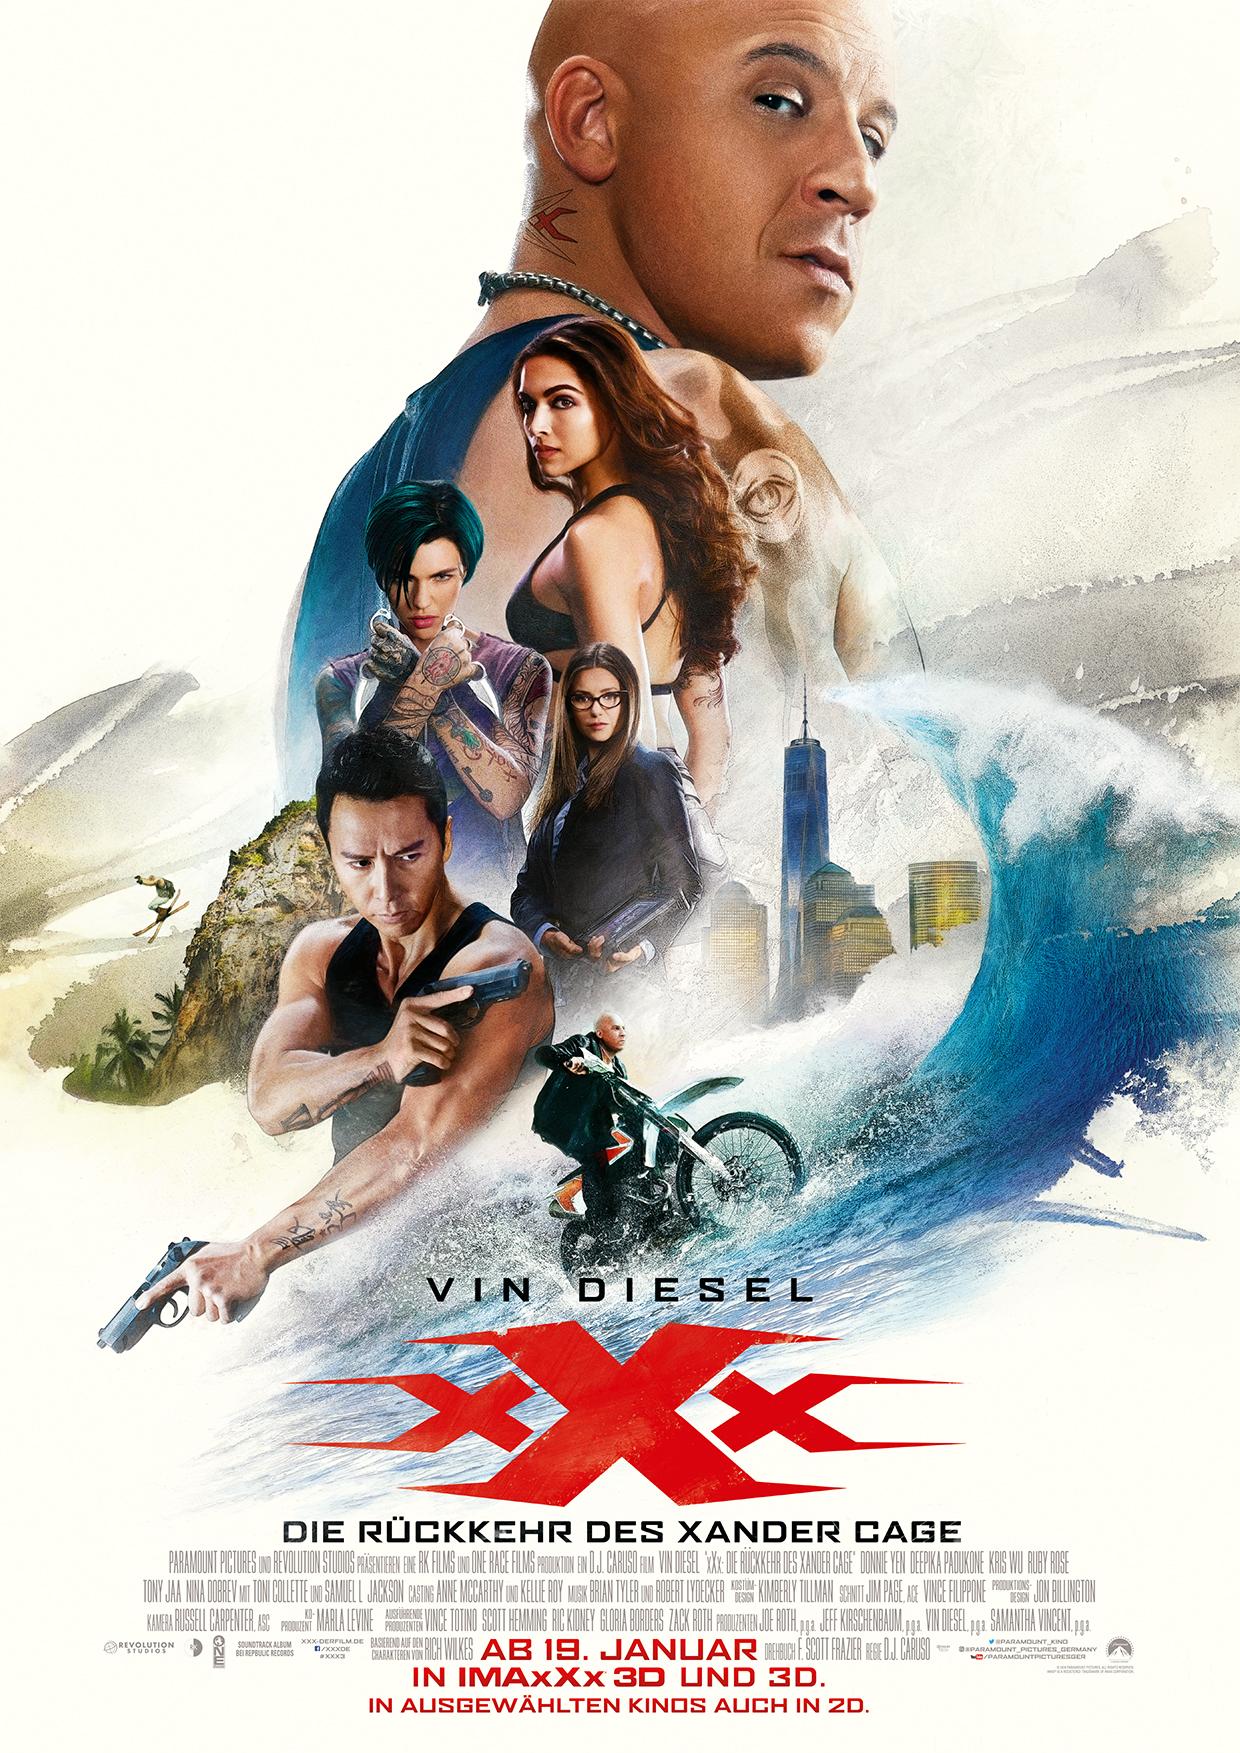 xXx3 – Die Rückkehr des Xander Cage